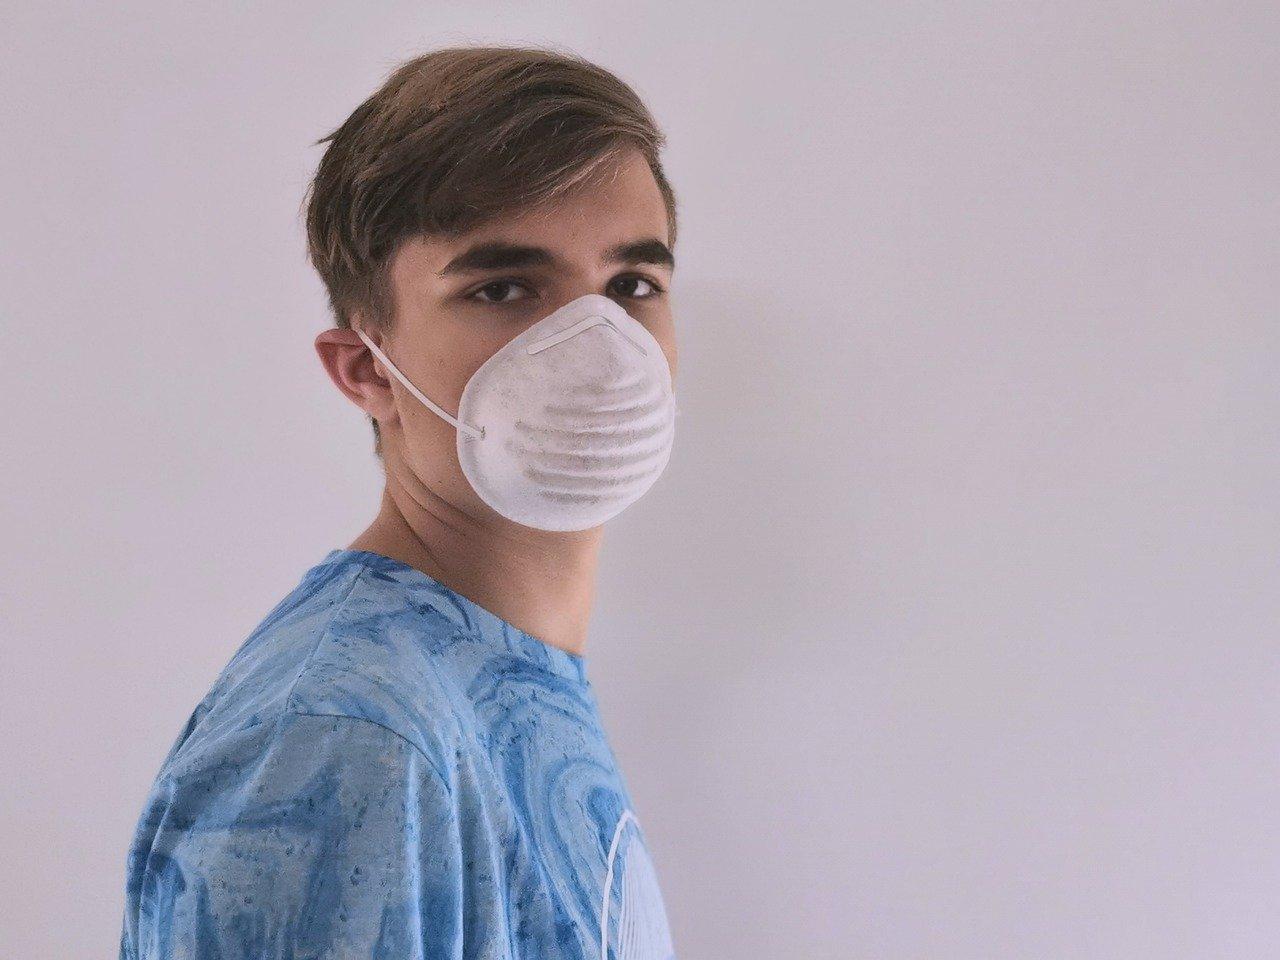 マスク男性